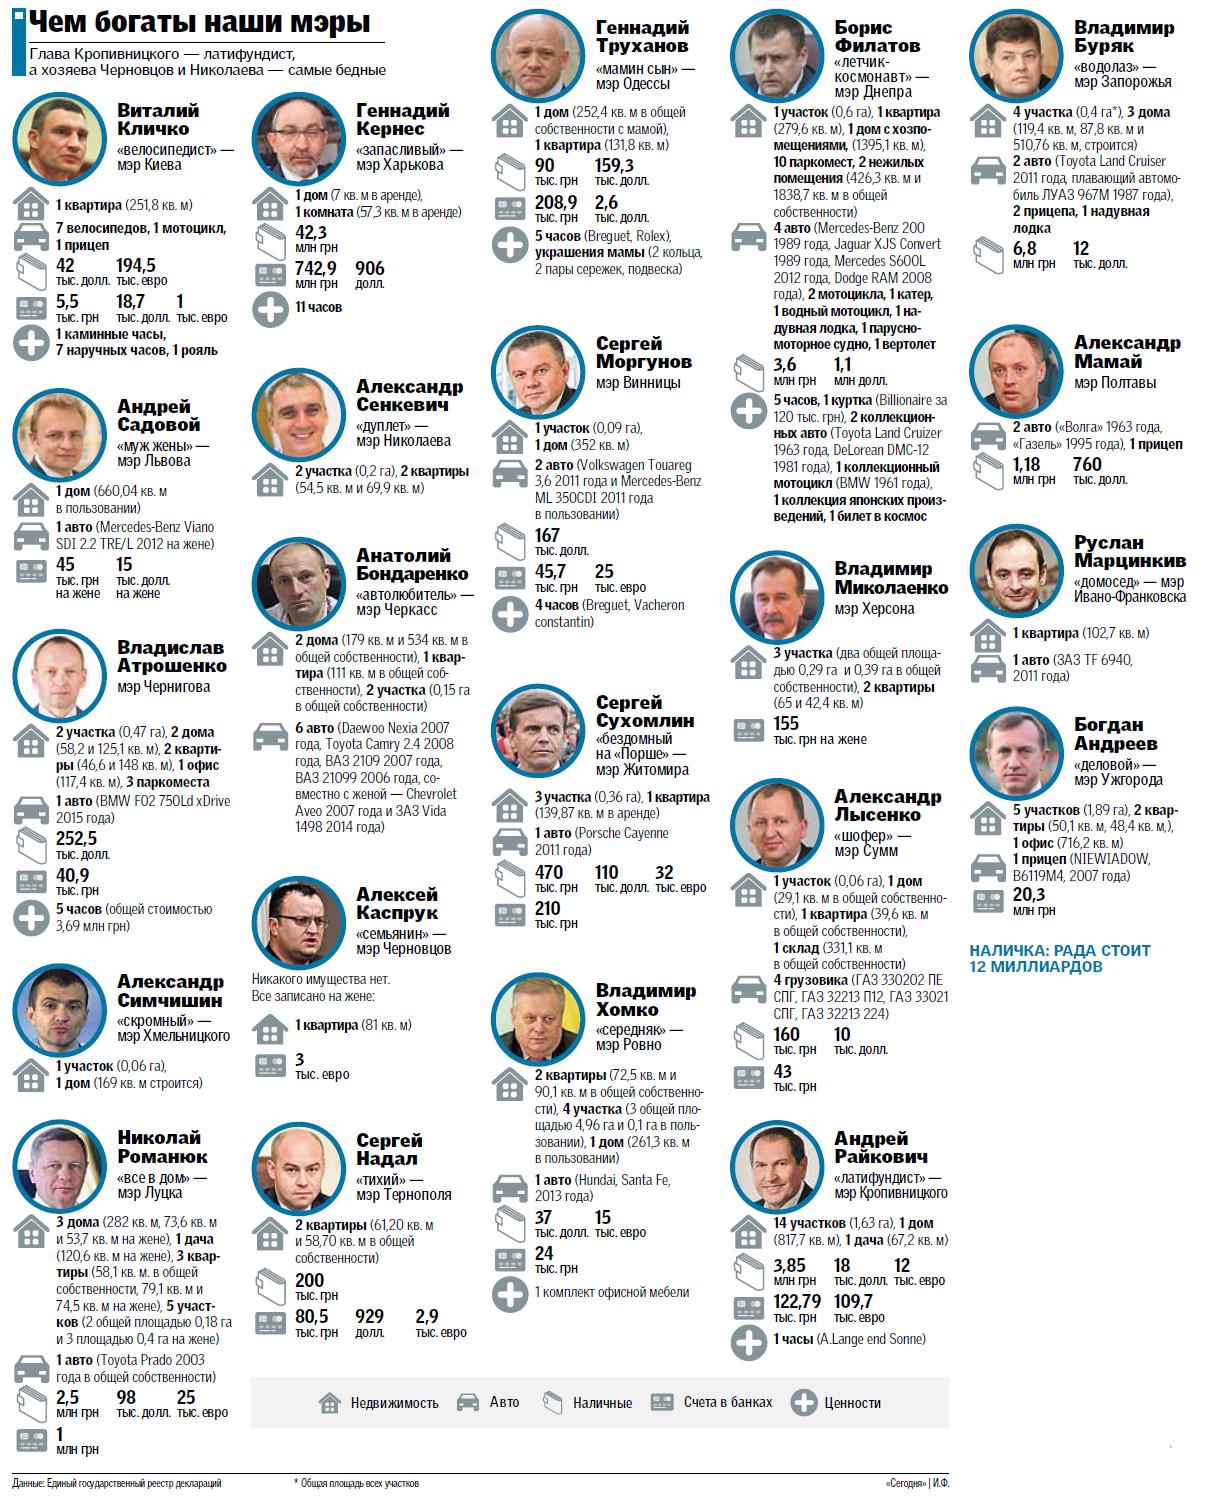 Что задекларировали мэры областных центров Украины